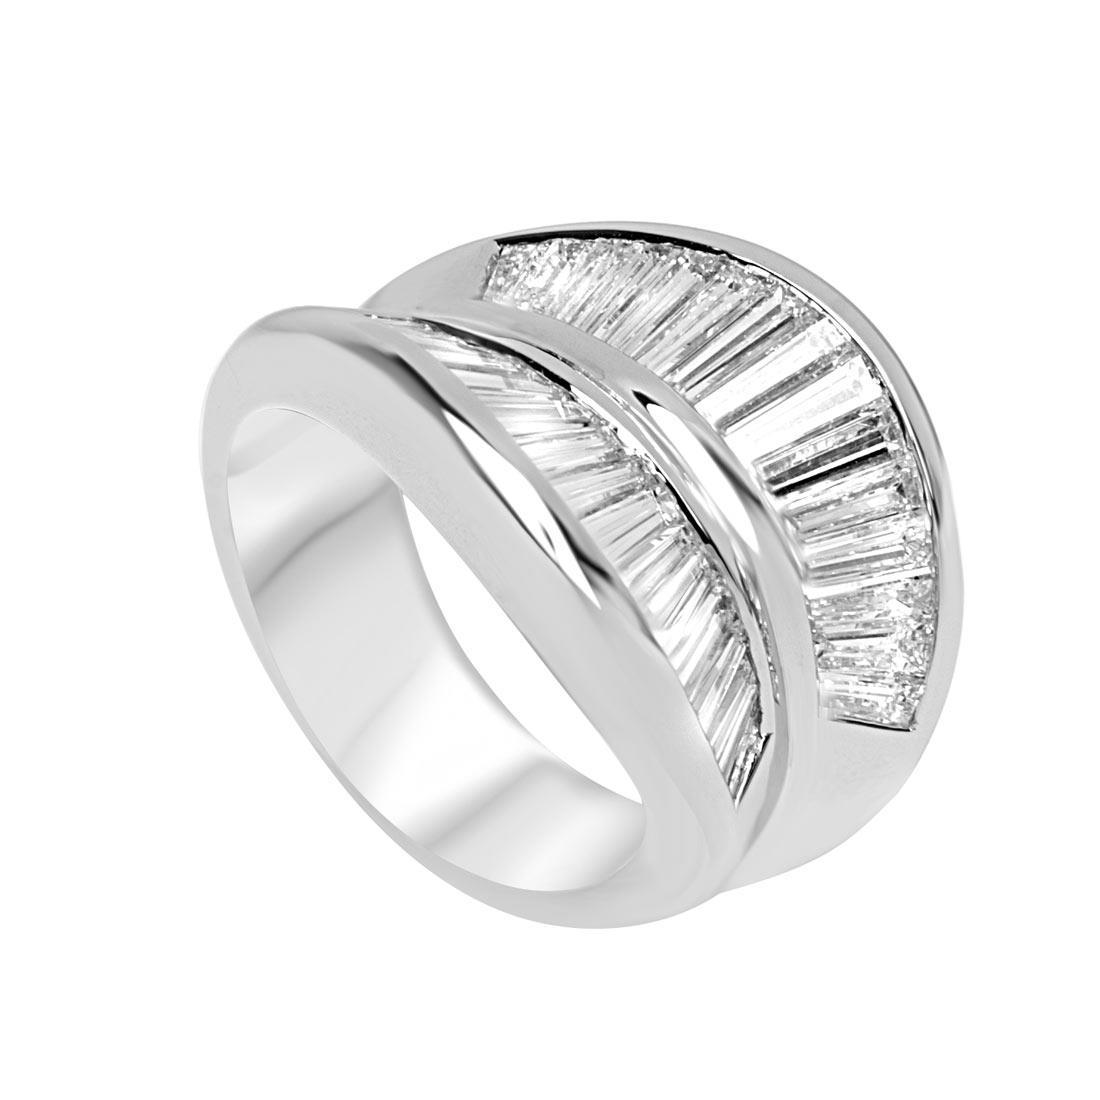 Anello design in oro bianco con diamanti taglio baguette - ORO&CO